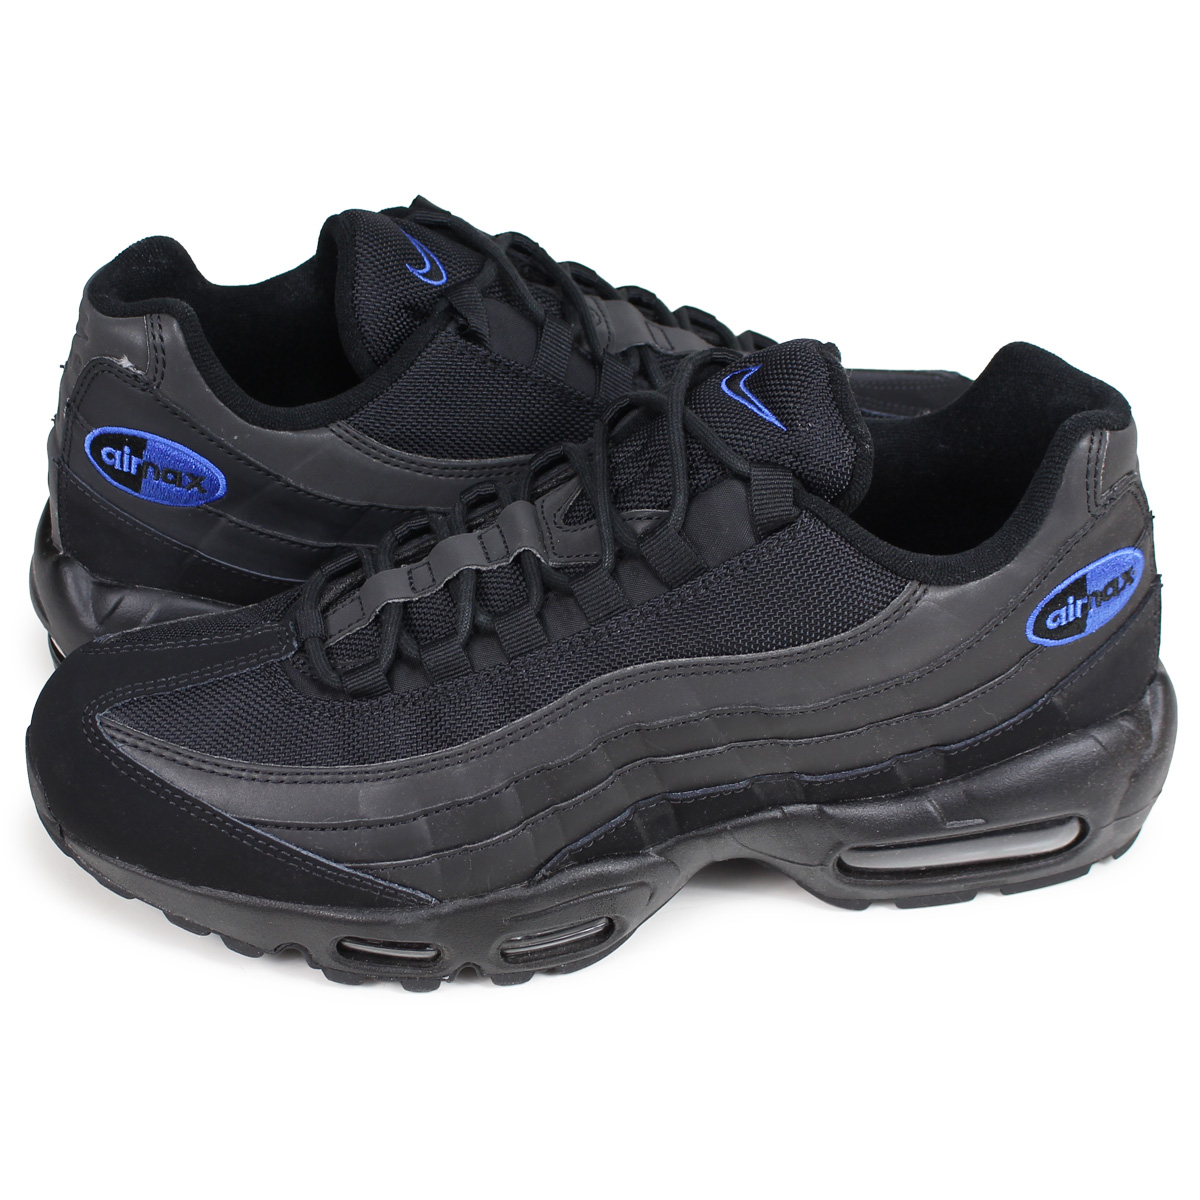 Nike NIKE Air Max 95 sneakers men AIR MAX 95 PREMIUM SE black black BQ3168 002 [195]